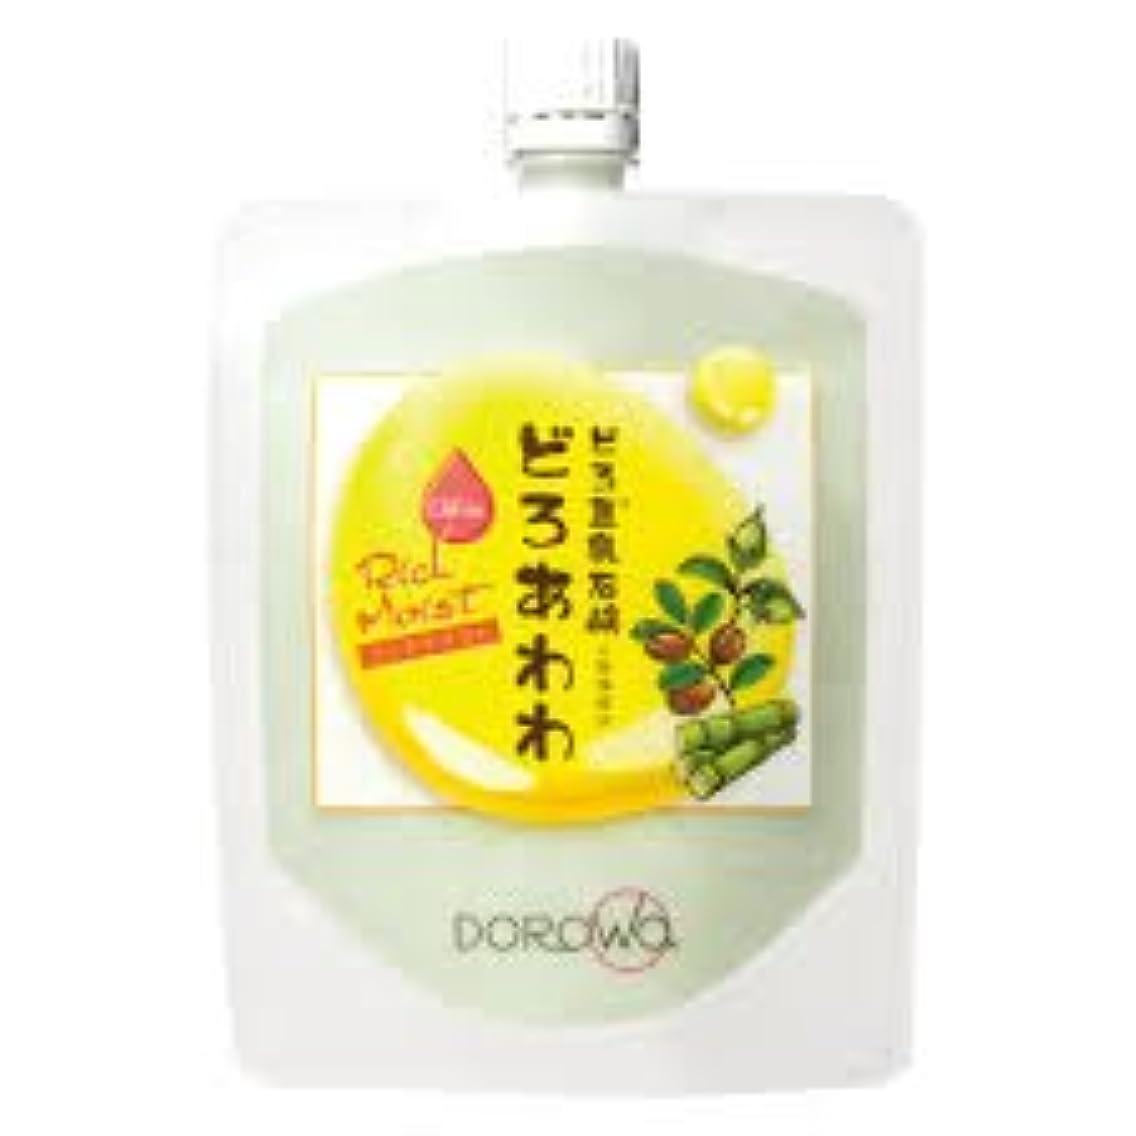 小道閉塞目立つ【DOROwa(ドロワ)】どろ豆乳石鹸 どろあわわ〈リッチモイスト〉